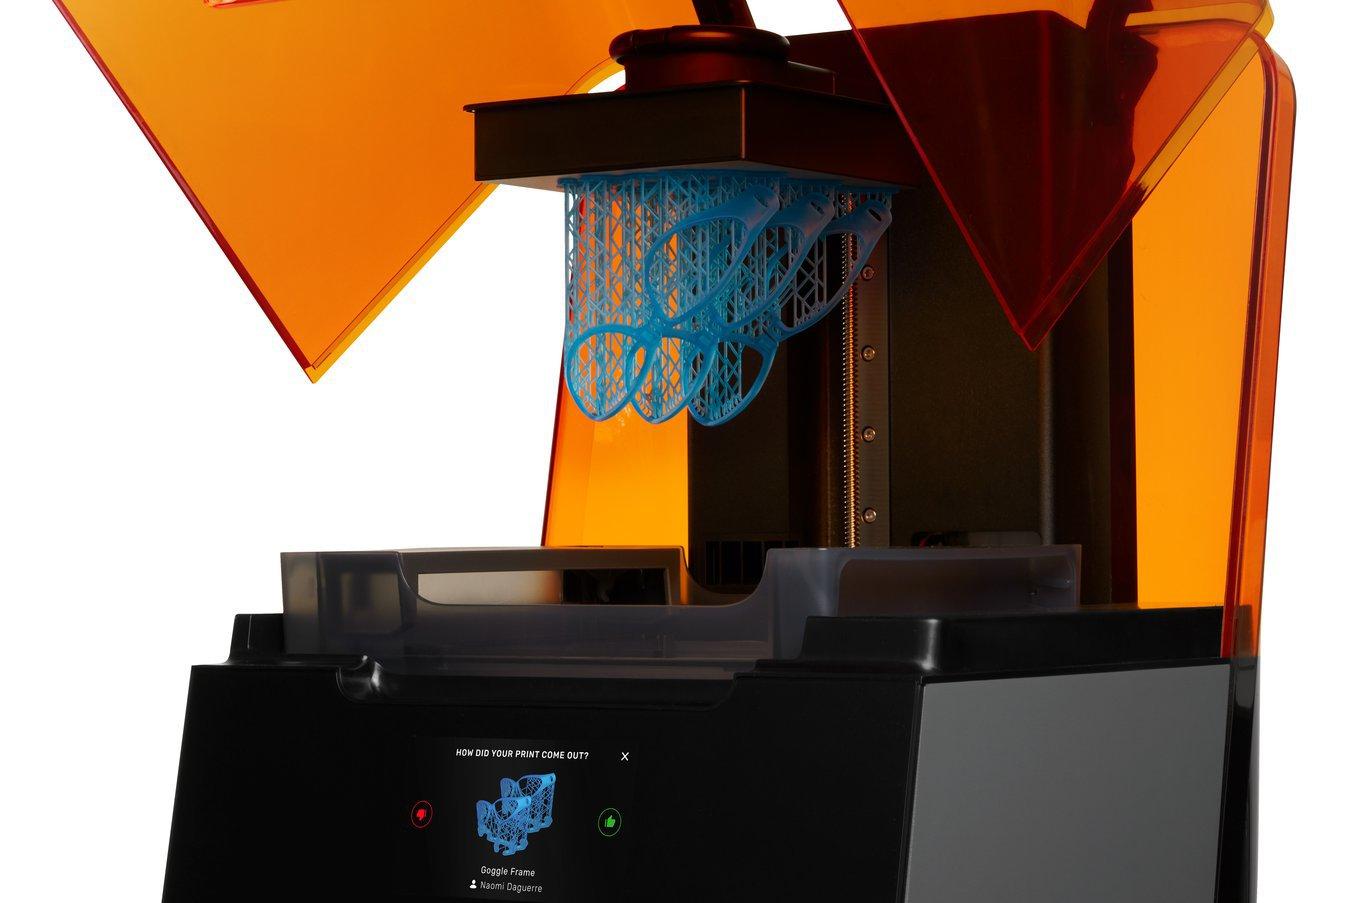 Las impresoras 3D SLA de alta resolución de Formlabs tienen un alto grado de resolución vertical en el eje Z y ofrecen un tamaño mínimo del detalle bajo en el plano XY, lo que permite que reproduzcan detalles delicados.